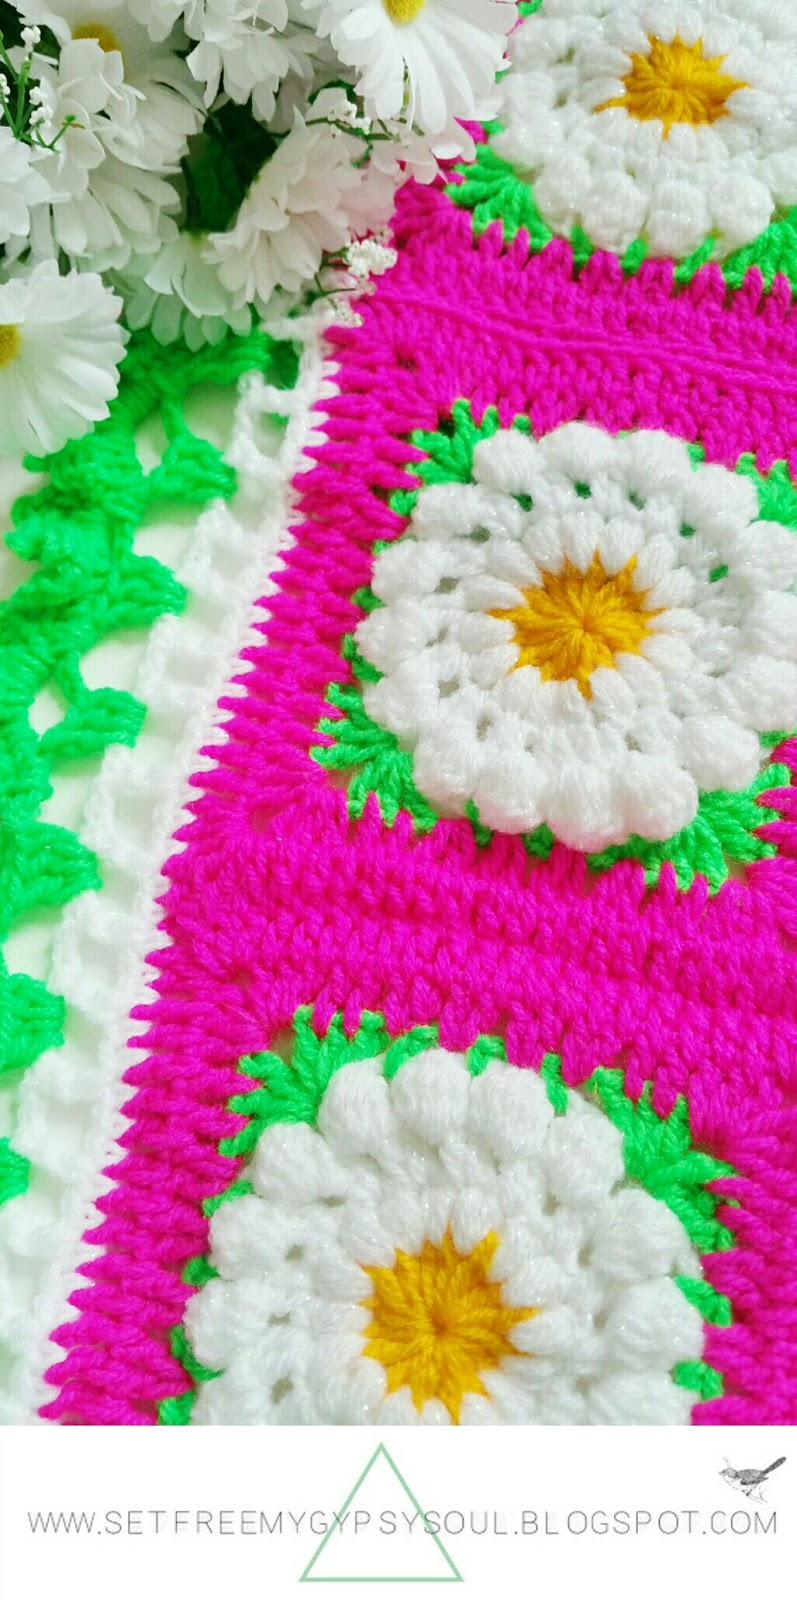 daisy dukes flower crochet granny square blanket free pattern